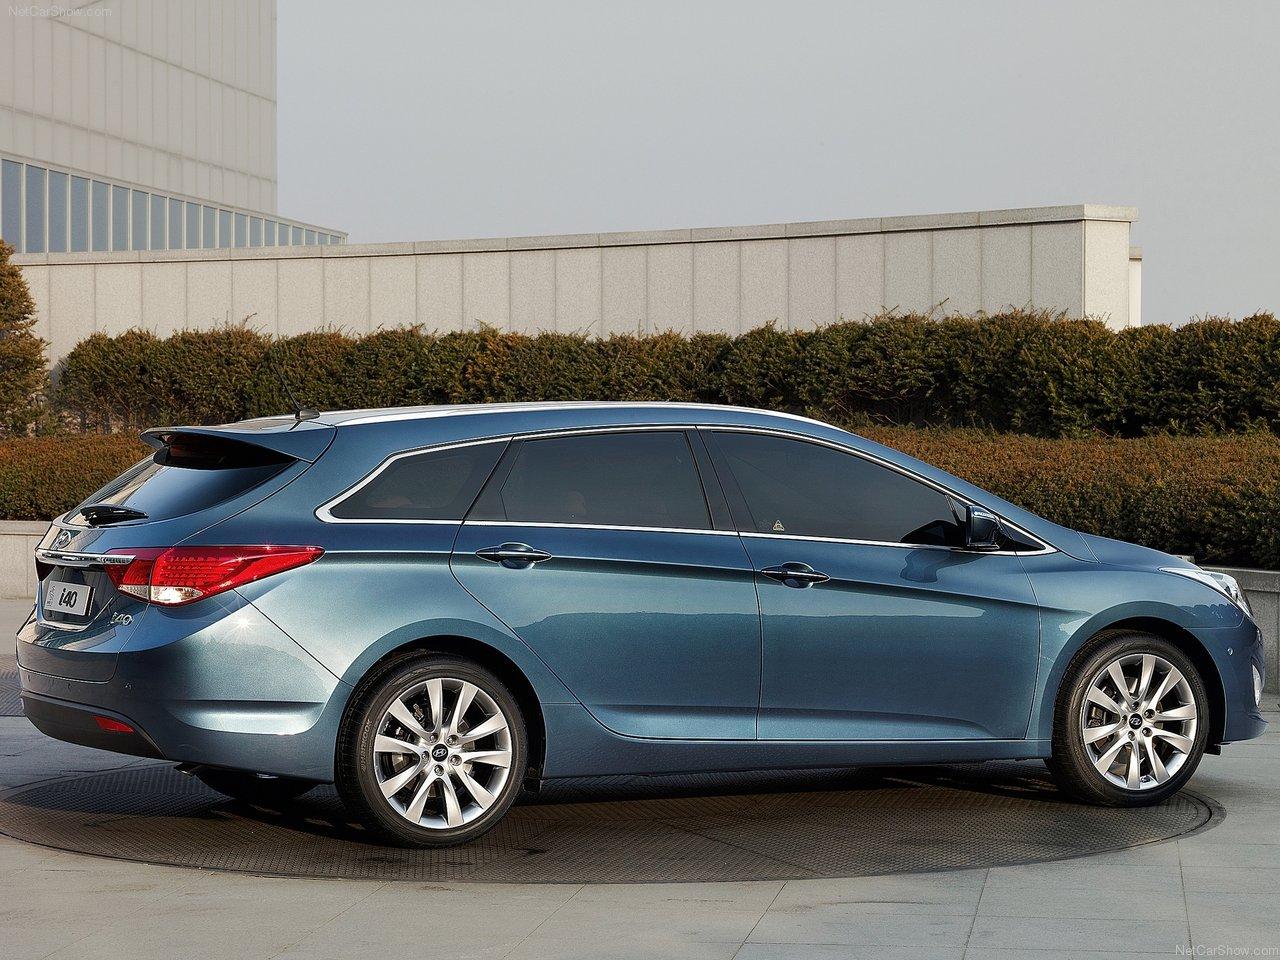 http://1.bp.blogspot.com/-_ArnDRcRN24/TW5JFAw41fI/AAAAAAACL-4/eU5jdxkgsGM/s1600/Hyundai-i40_2012_1280x960_wallpaper_08.jpg